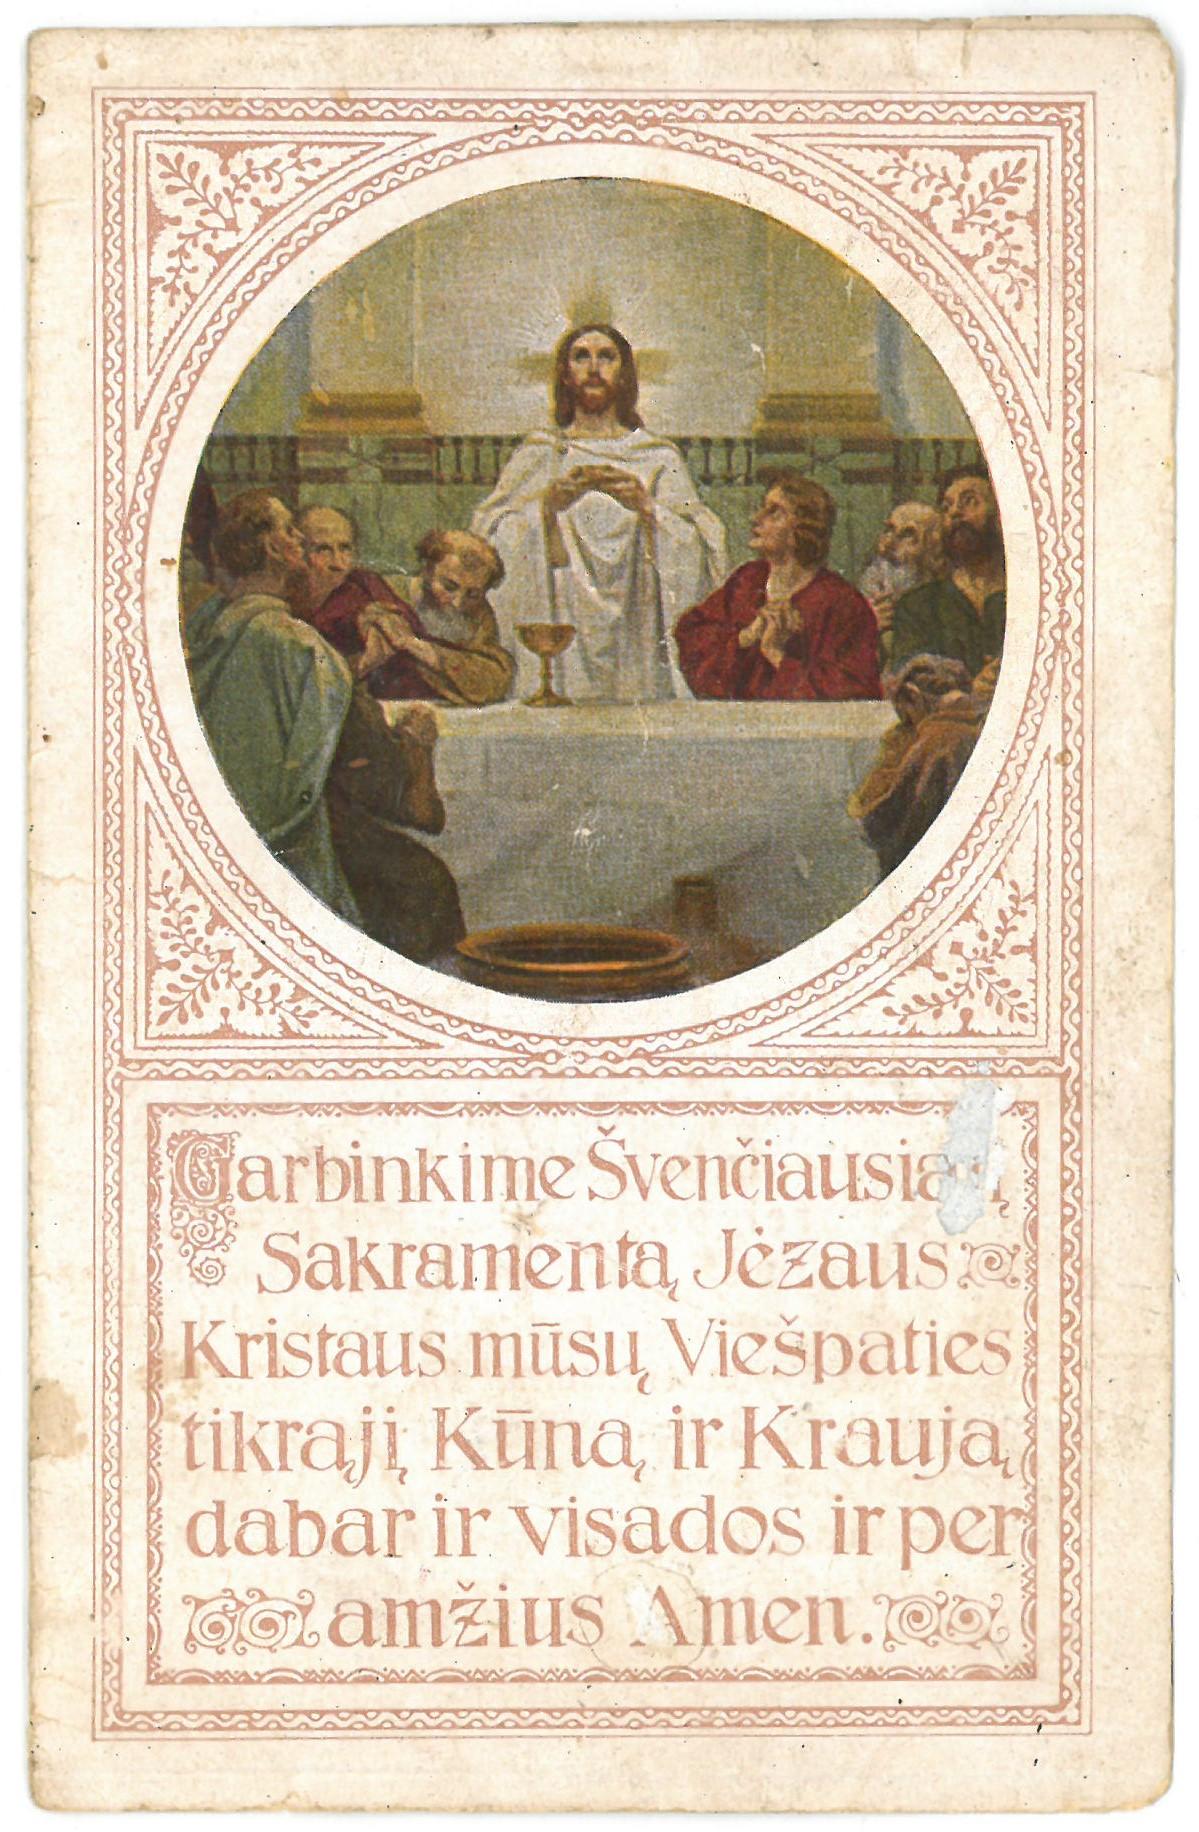 Religinis paveikslėlis-kortelė.  Priekinėje pusėje – augaliniais motyvais įrėmintas Jėzaus ir apaštalų atvaizdas, maldos tekstas